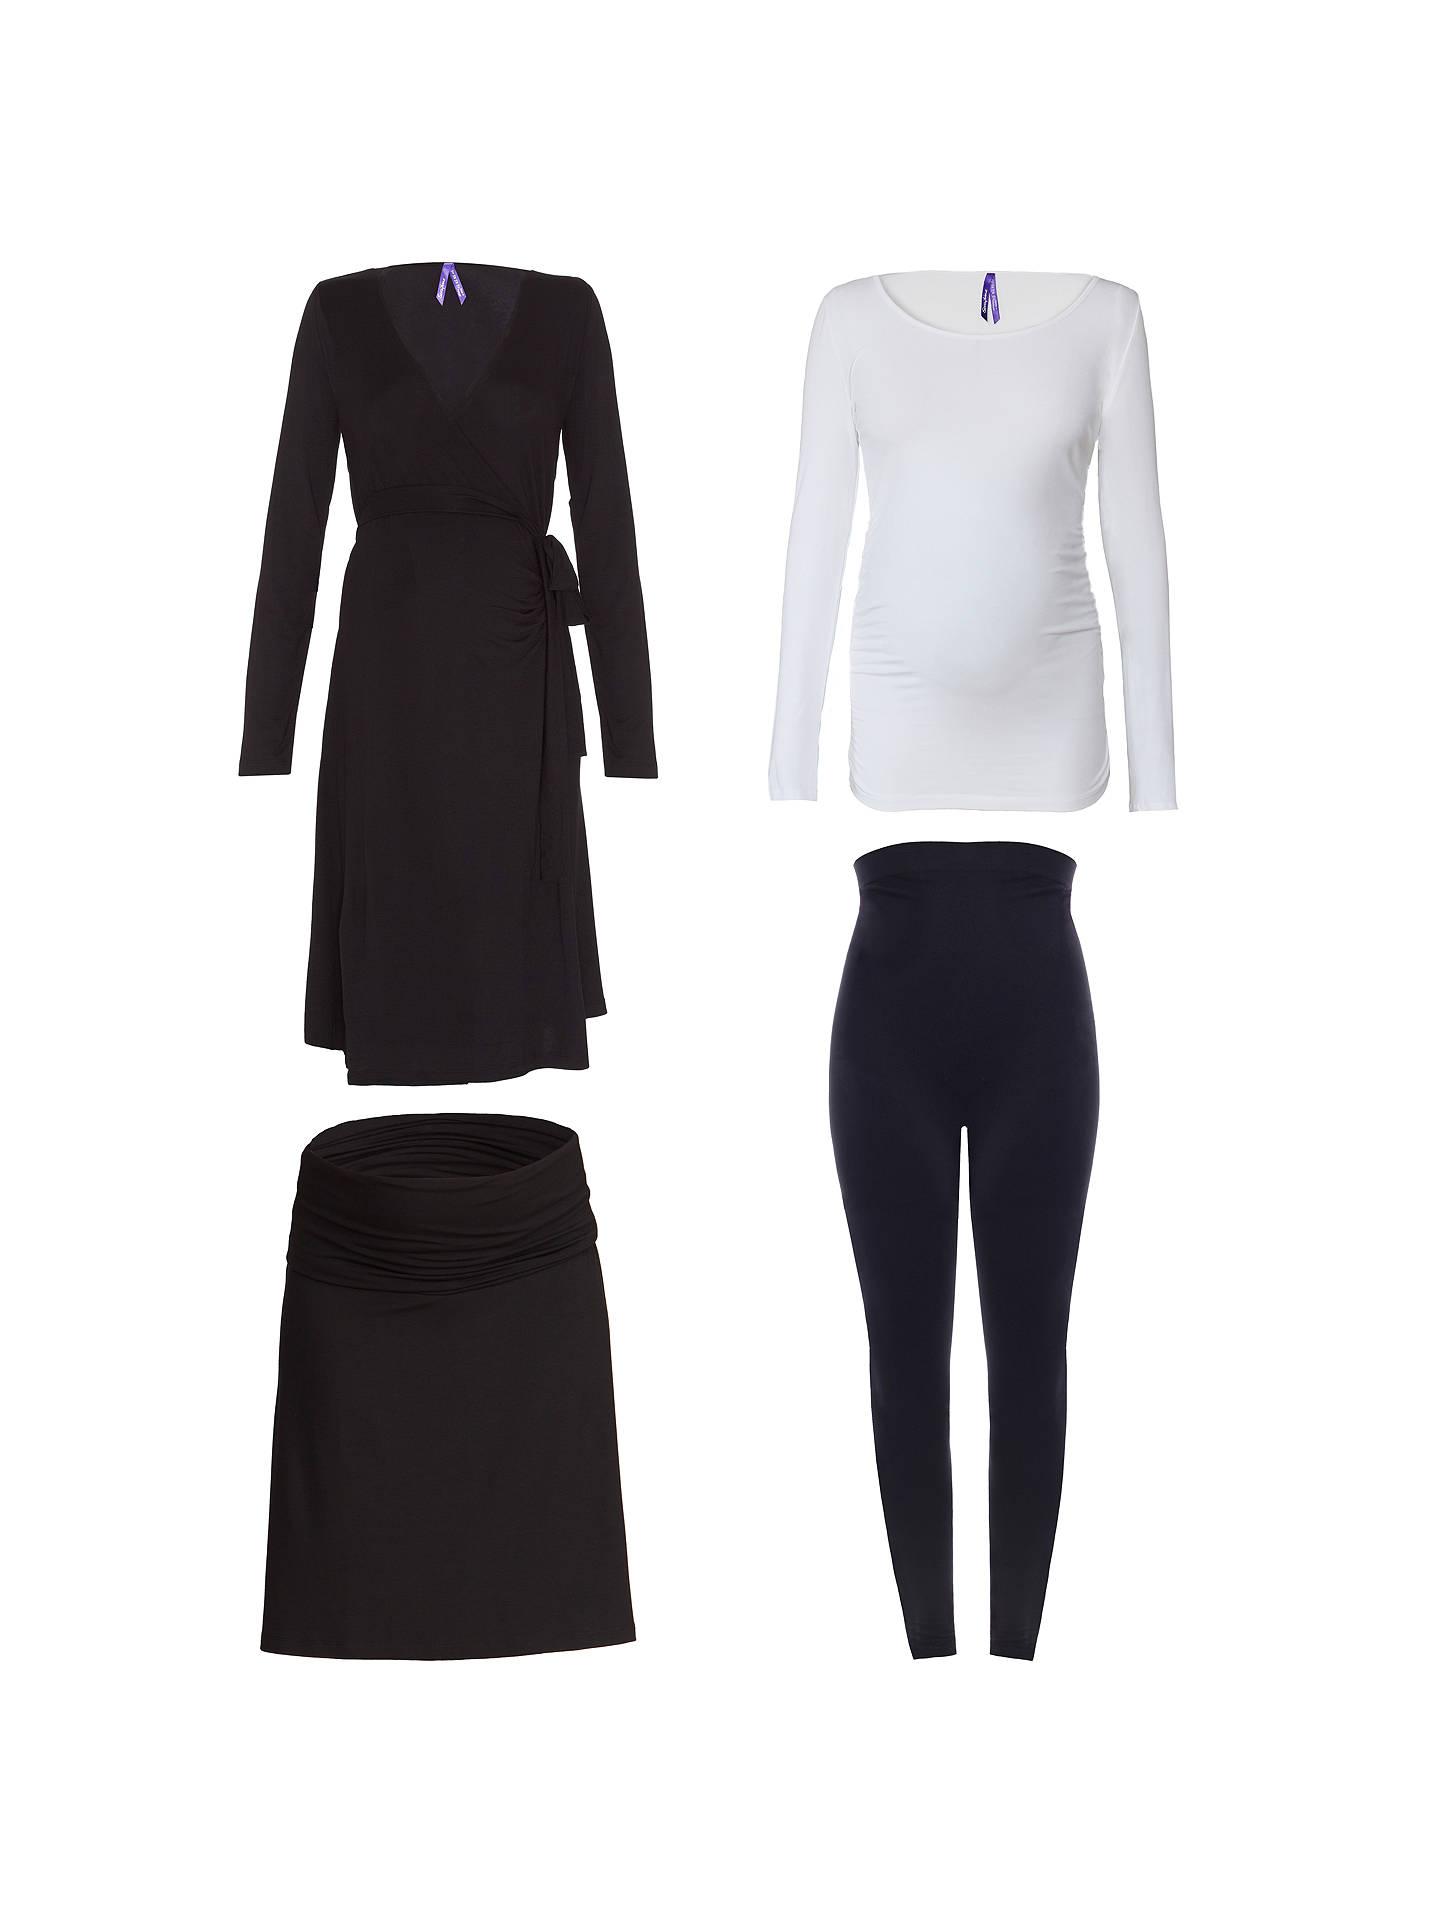 3a71d96642085 Buy Séraphine Paris Maternity Bump Kit, Black/White, XS Online at johnlewis.